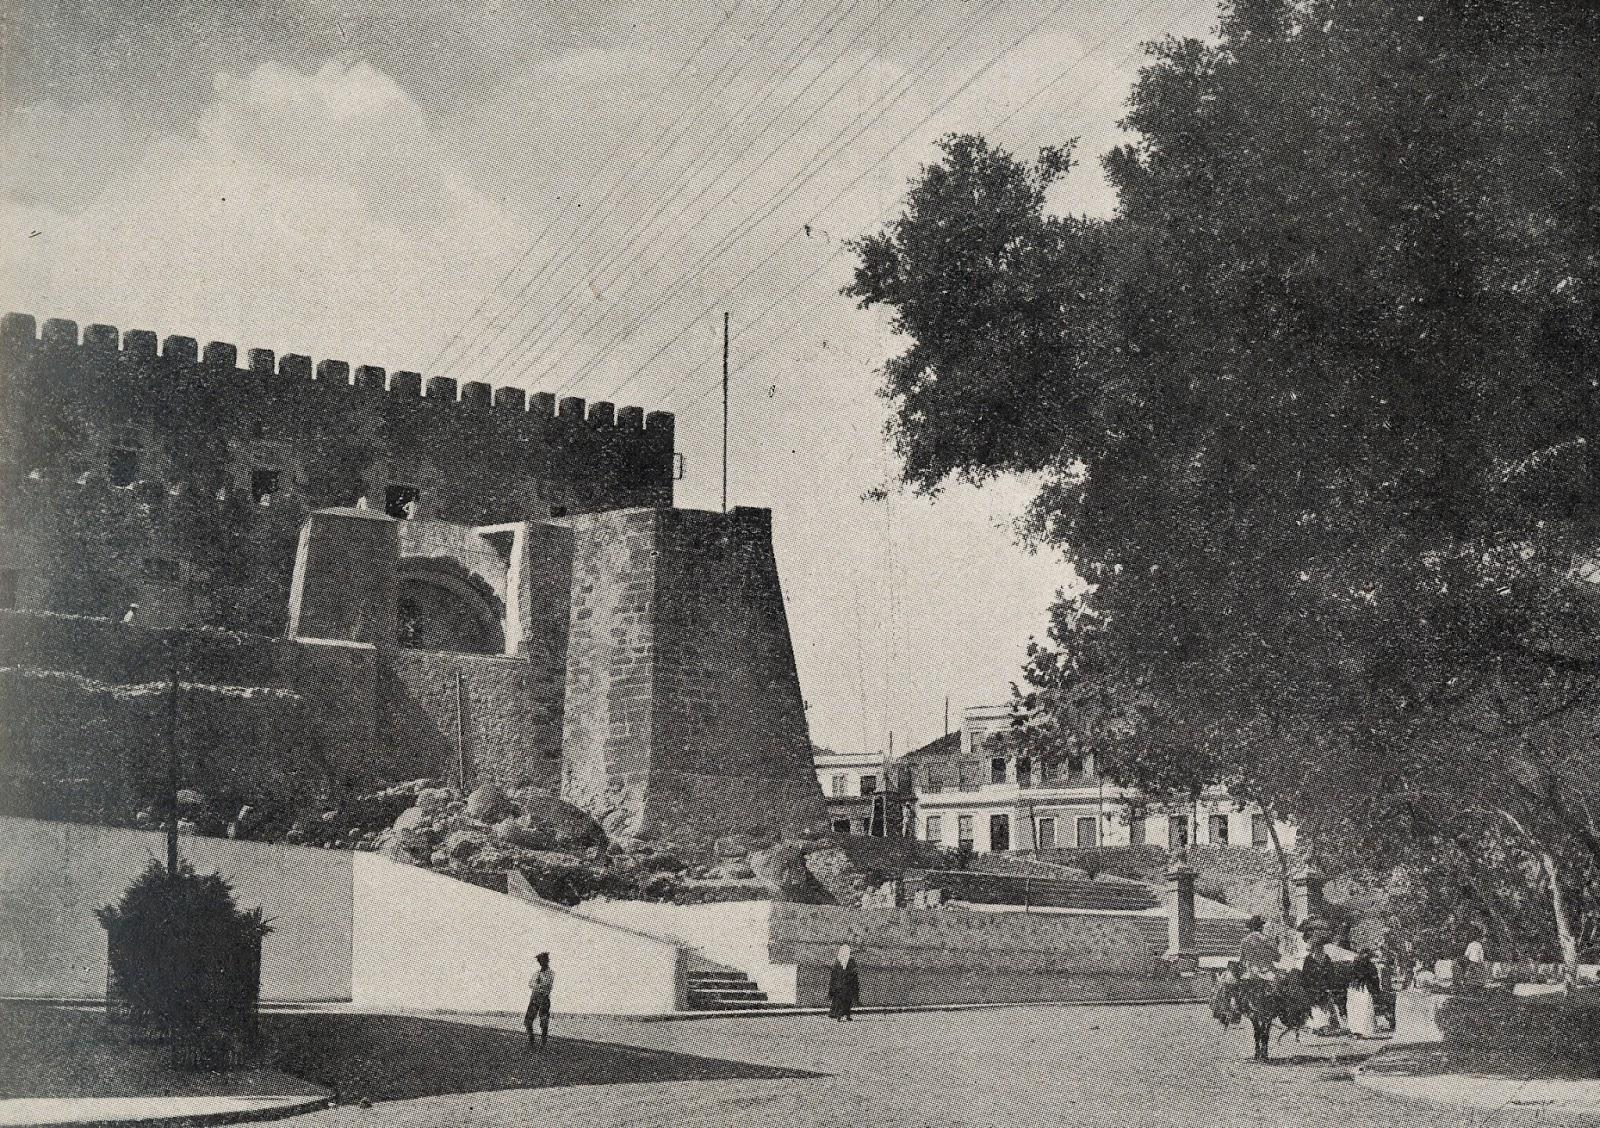 Imagen nº 07857 propiedad de la FEDAC/Cabildo de Gran Canaria. Realizara en el año 1911 por Kurt Herrmann.